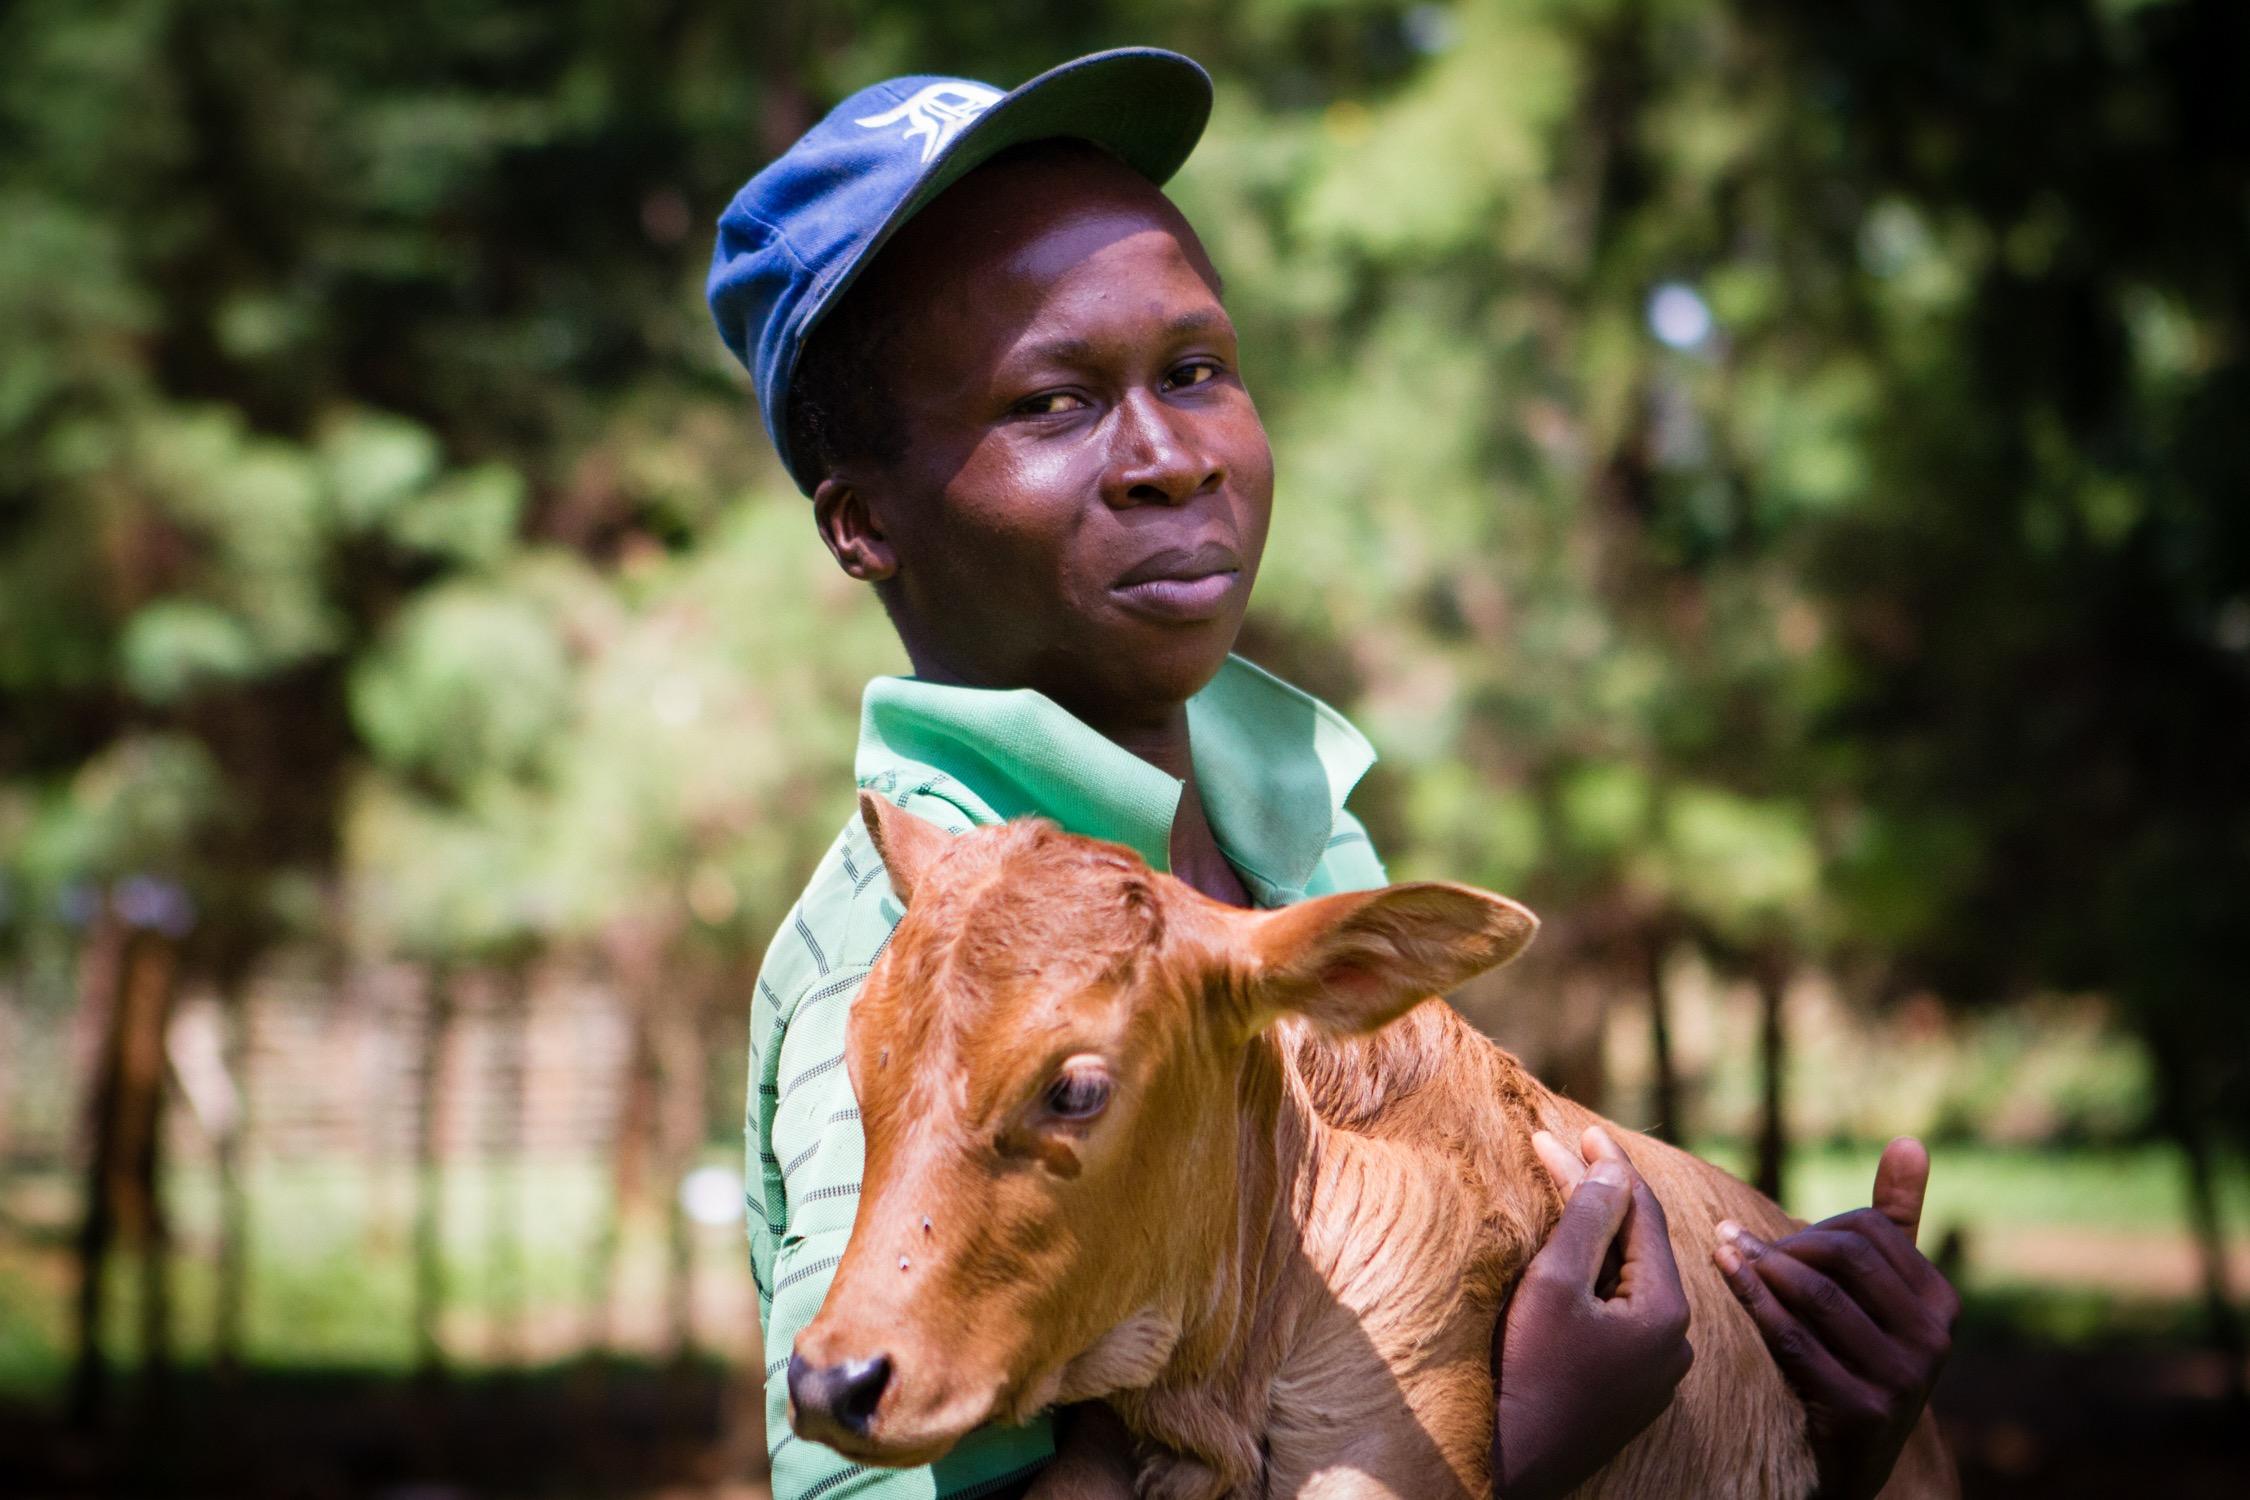 John Mugute Farming/Maintenance (JCO Children's Home)   Based in Kenya